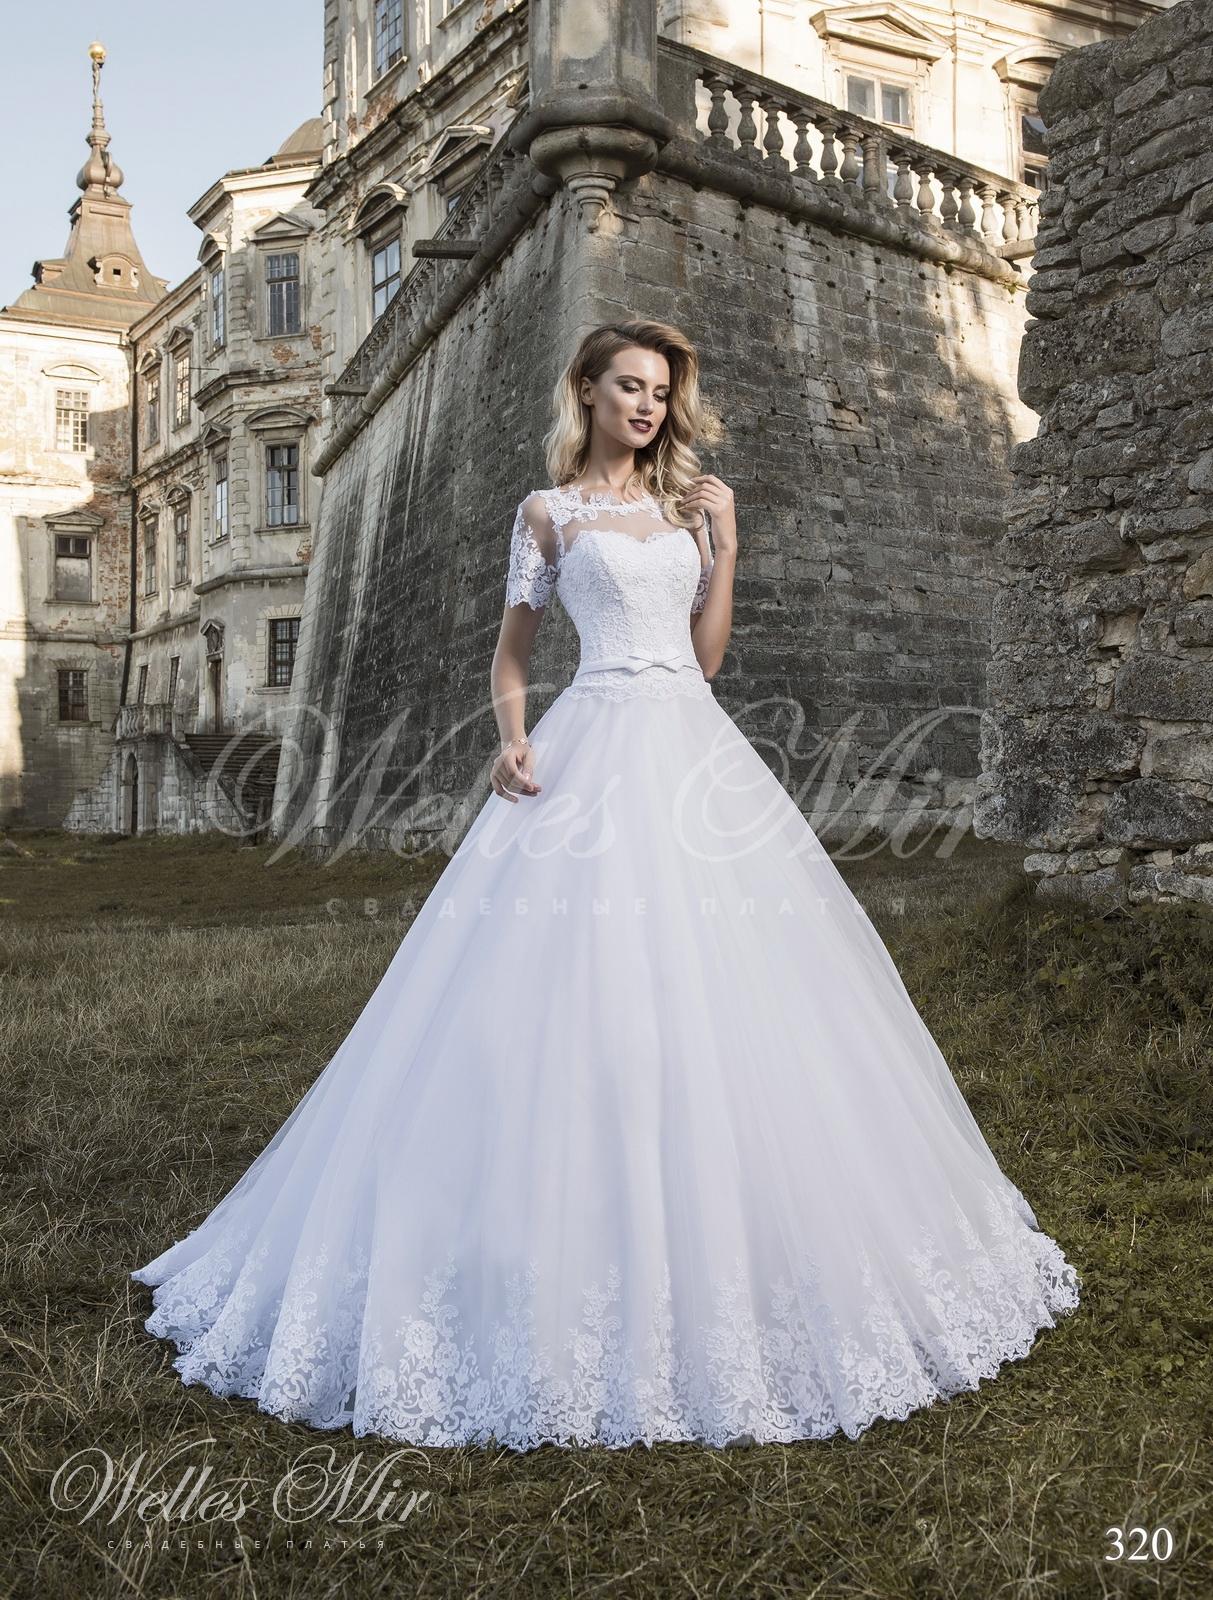 Свадебные платья Exquisite Collection - 320